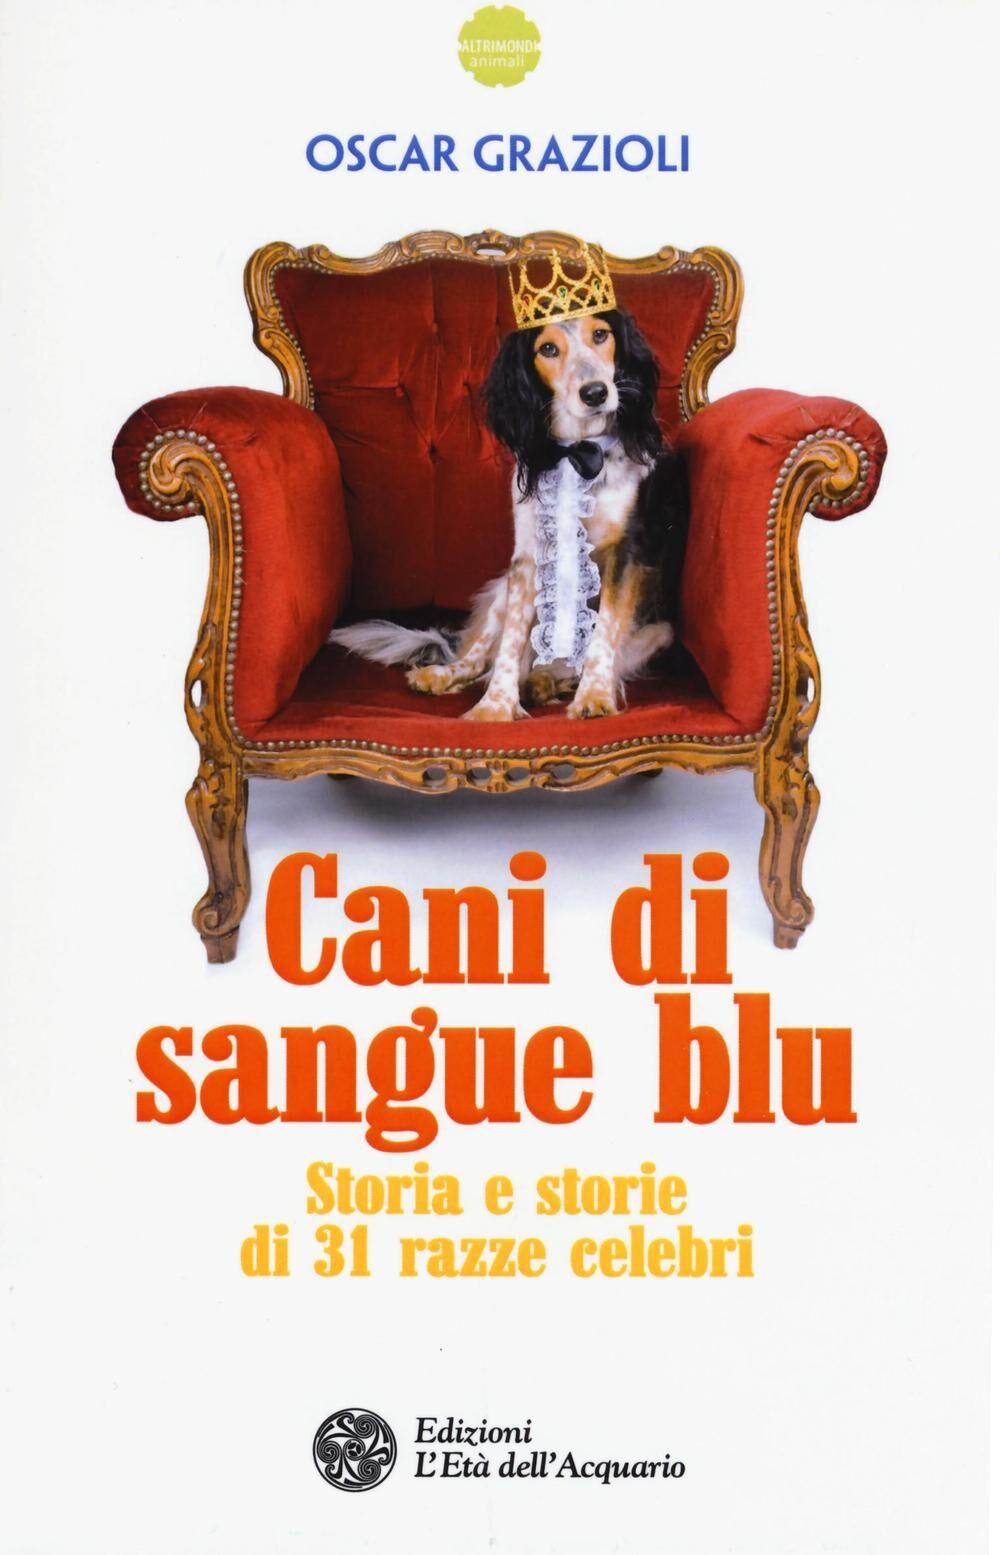 Cani di sangue blu. Storia e storie di 31 razze celebri